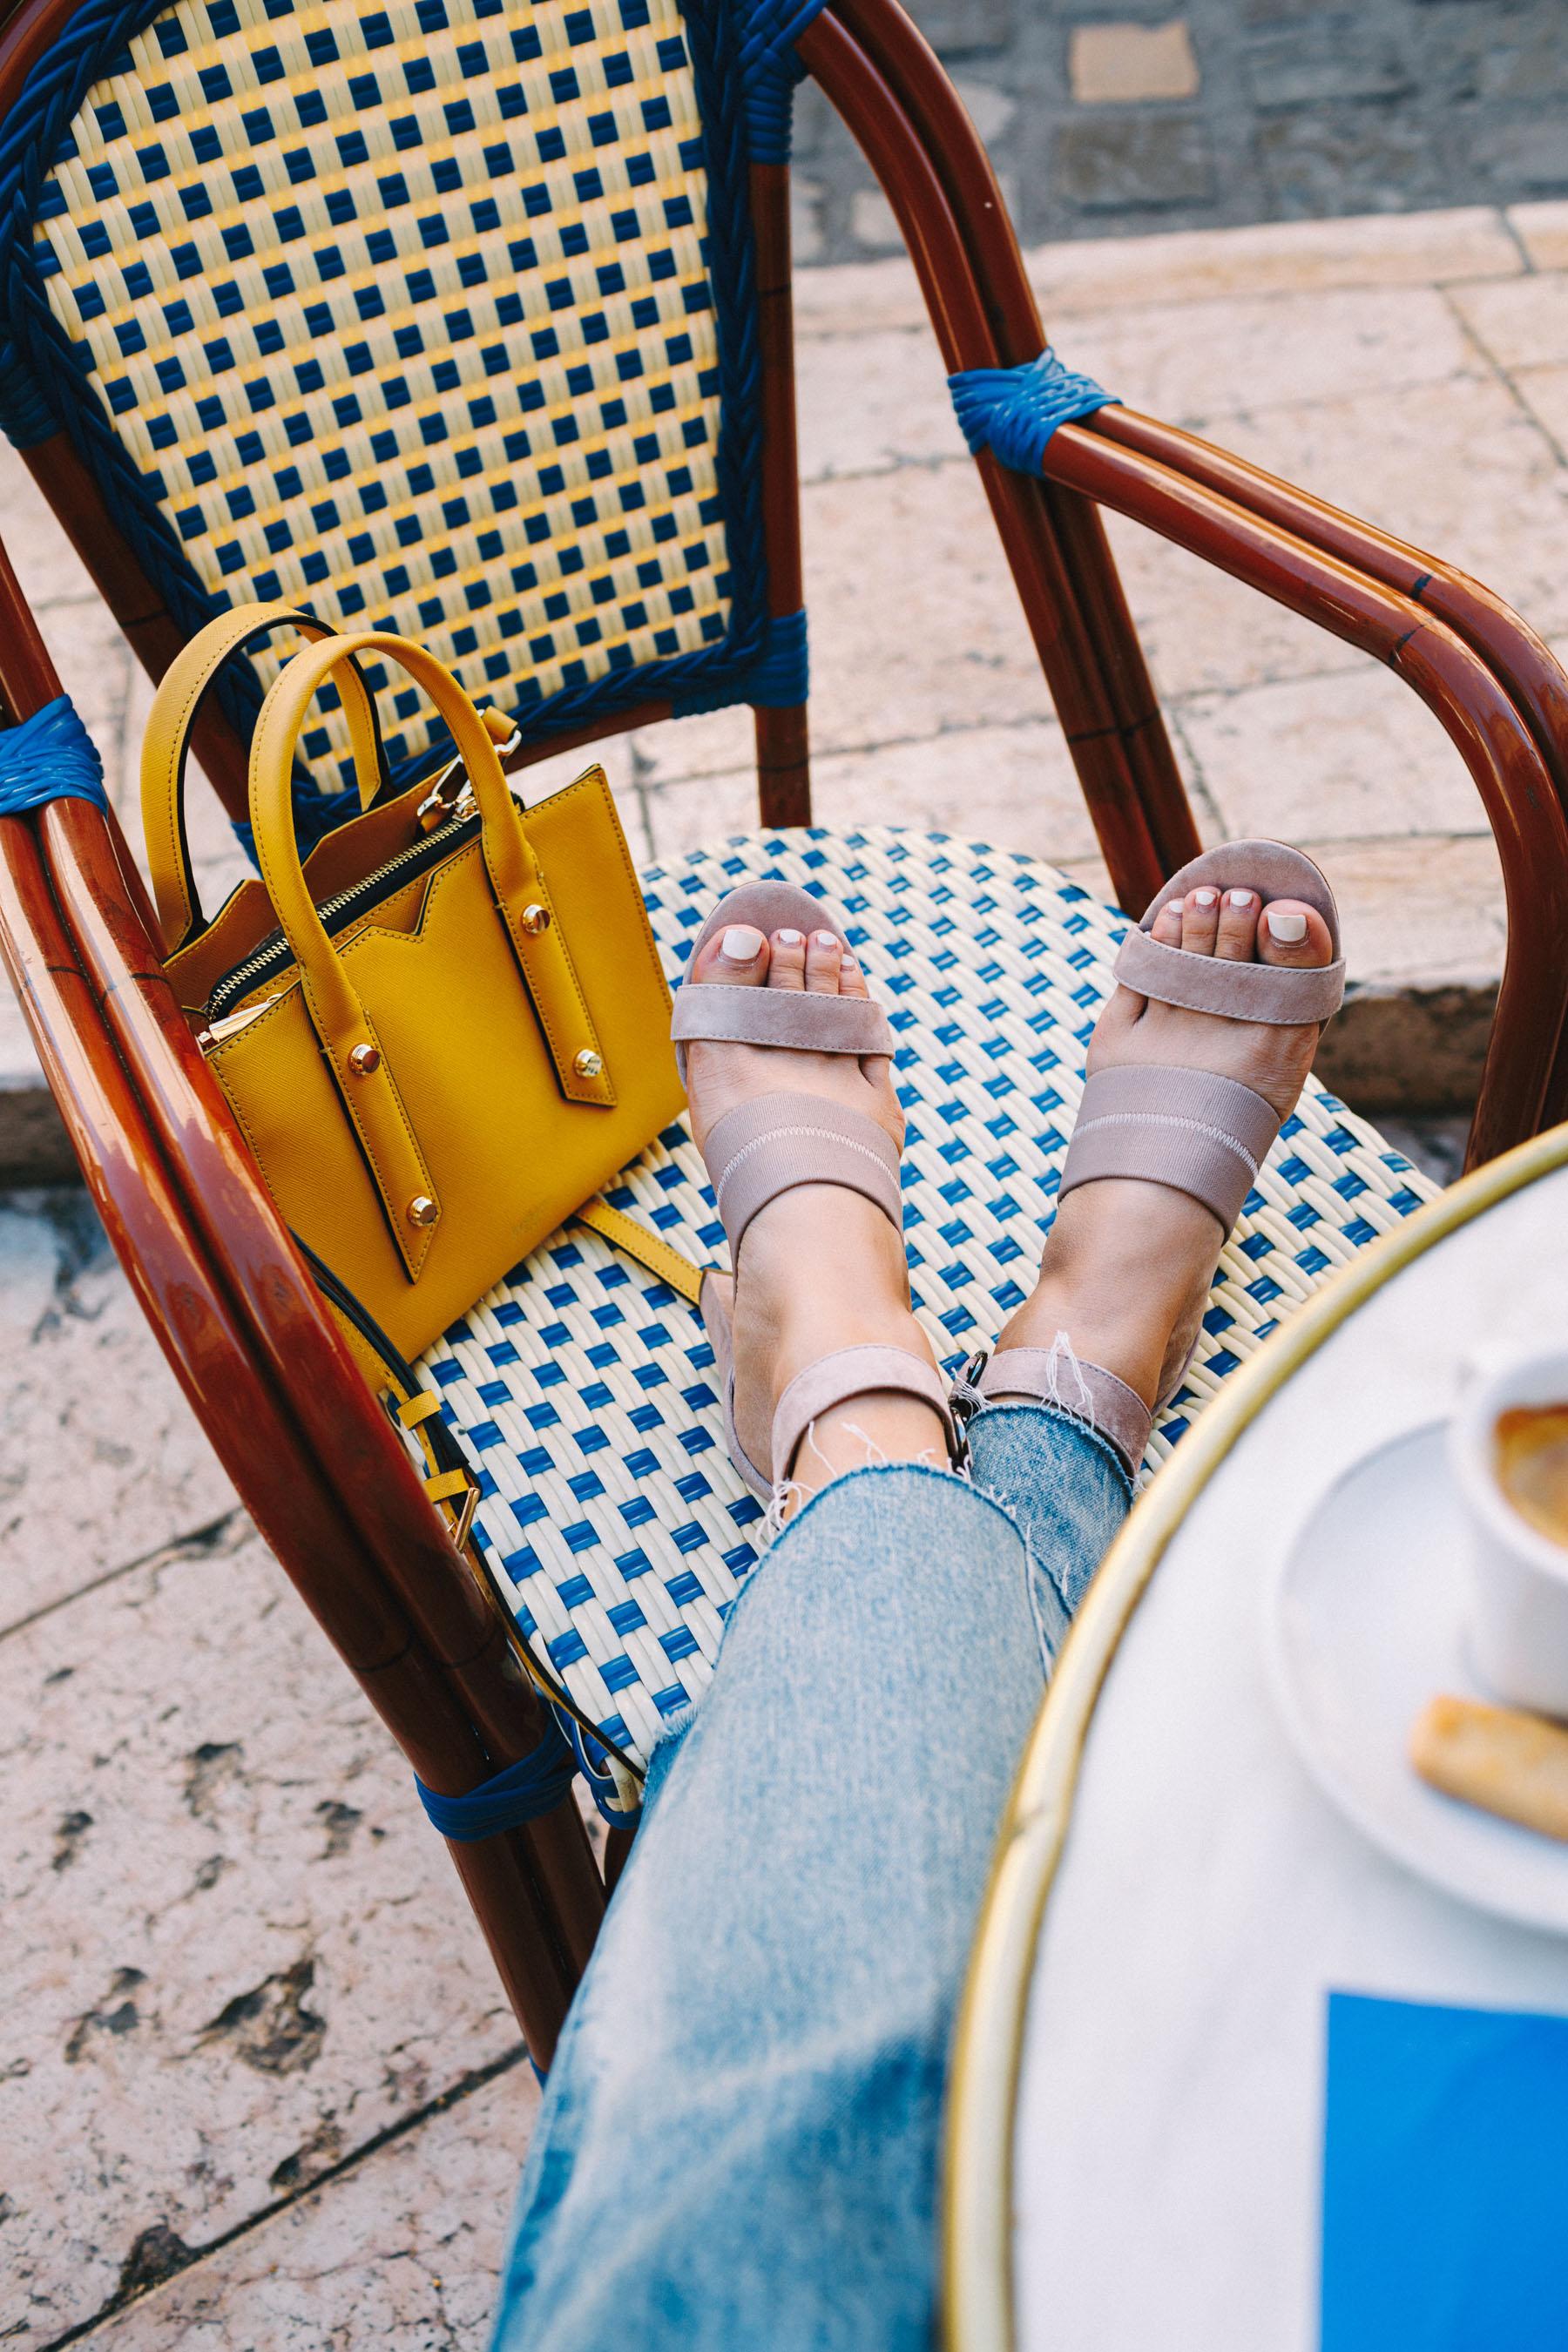 designer handbags under 350, affordable designer handbags, botkier tote // Notjessfashion.com